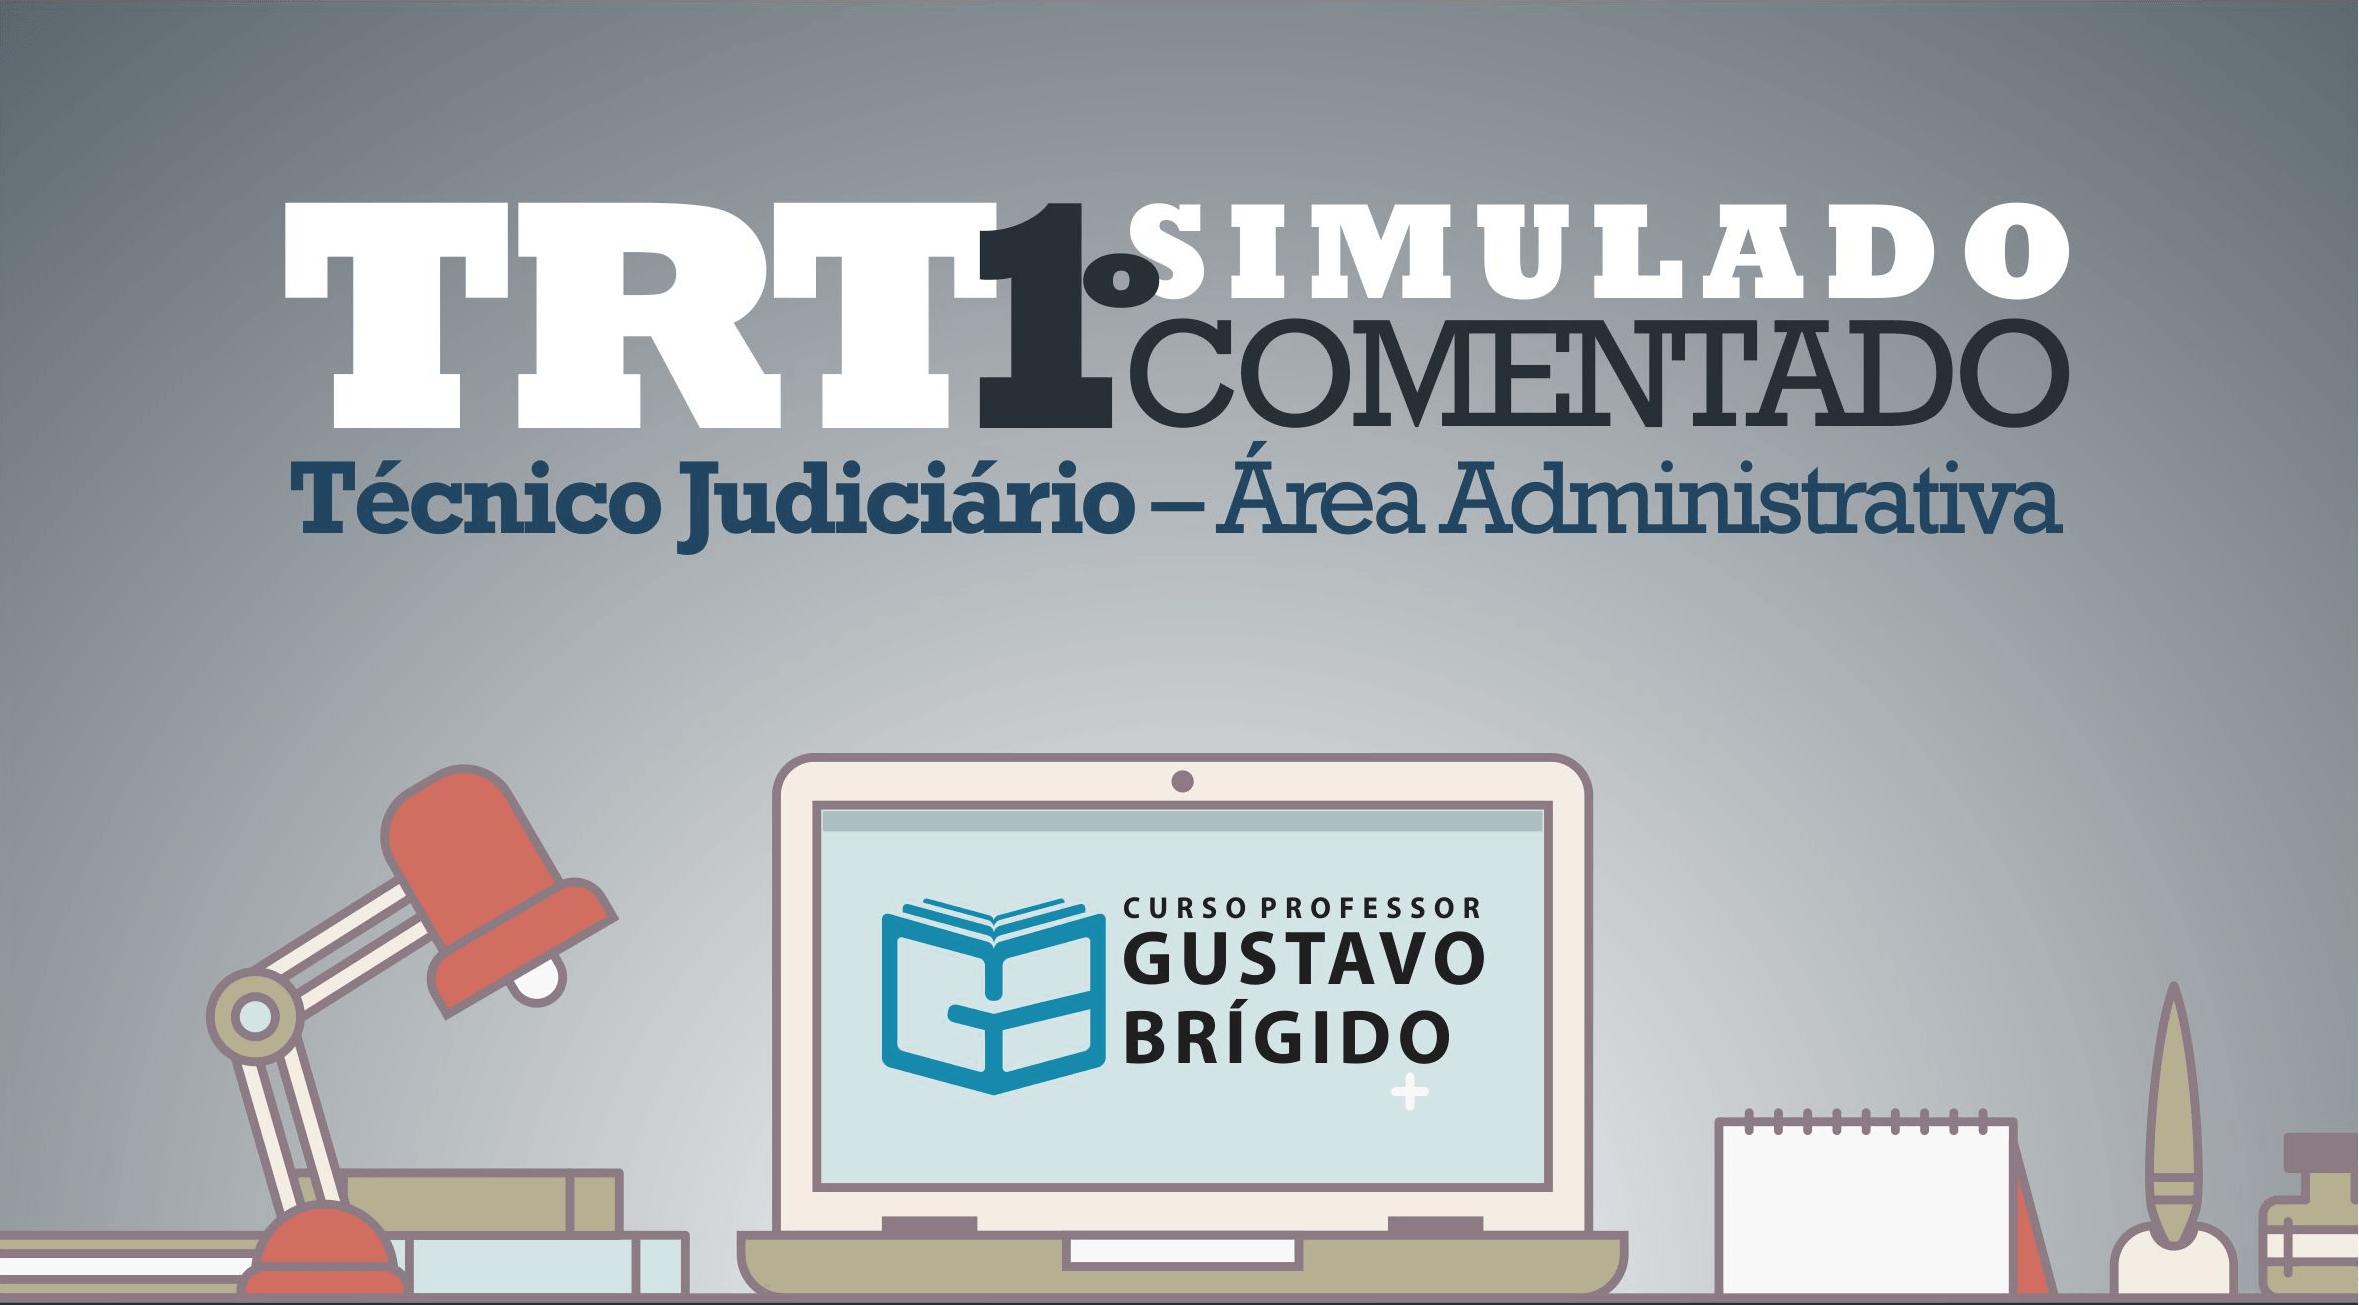 1° SIMULADO TRT - Técnico Judiciário (Área Administrativa) - EM PDF